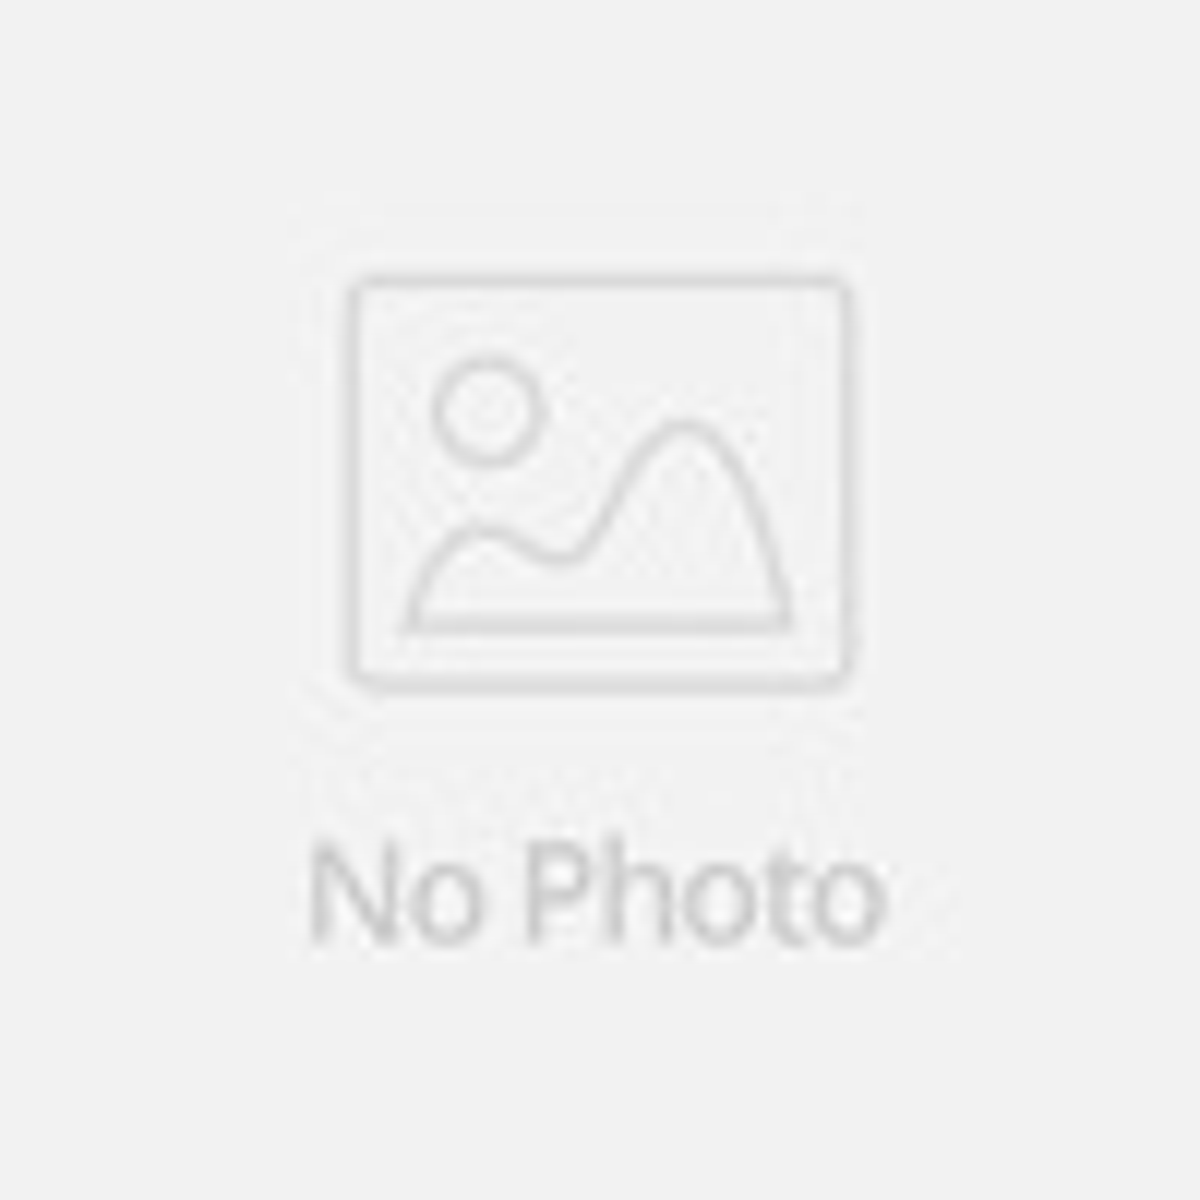 للماء حامل ورق المرحاض موزع ورق التجفيف الحائط الأنسجة حامل الصندوق كيت المنظم الحمام اكسسوارات المنزل فندق